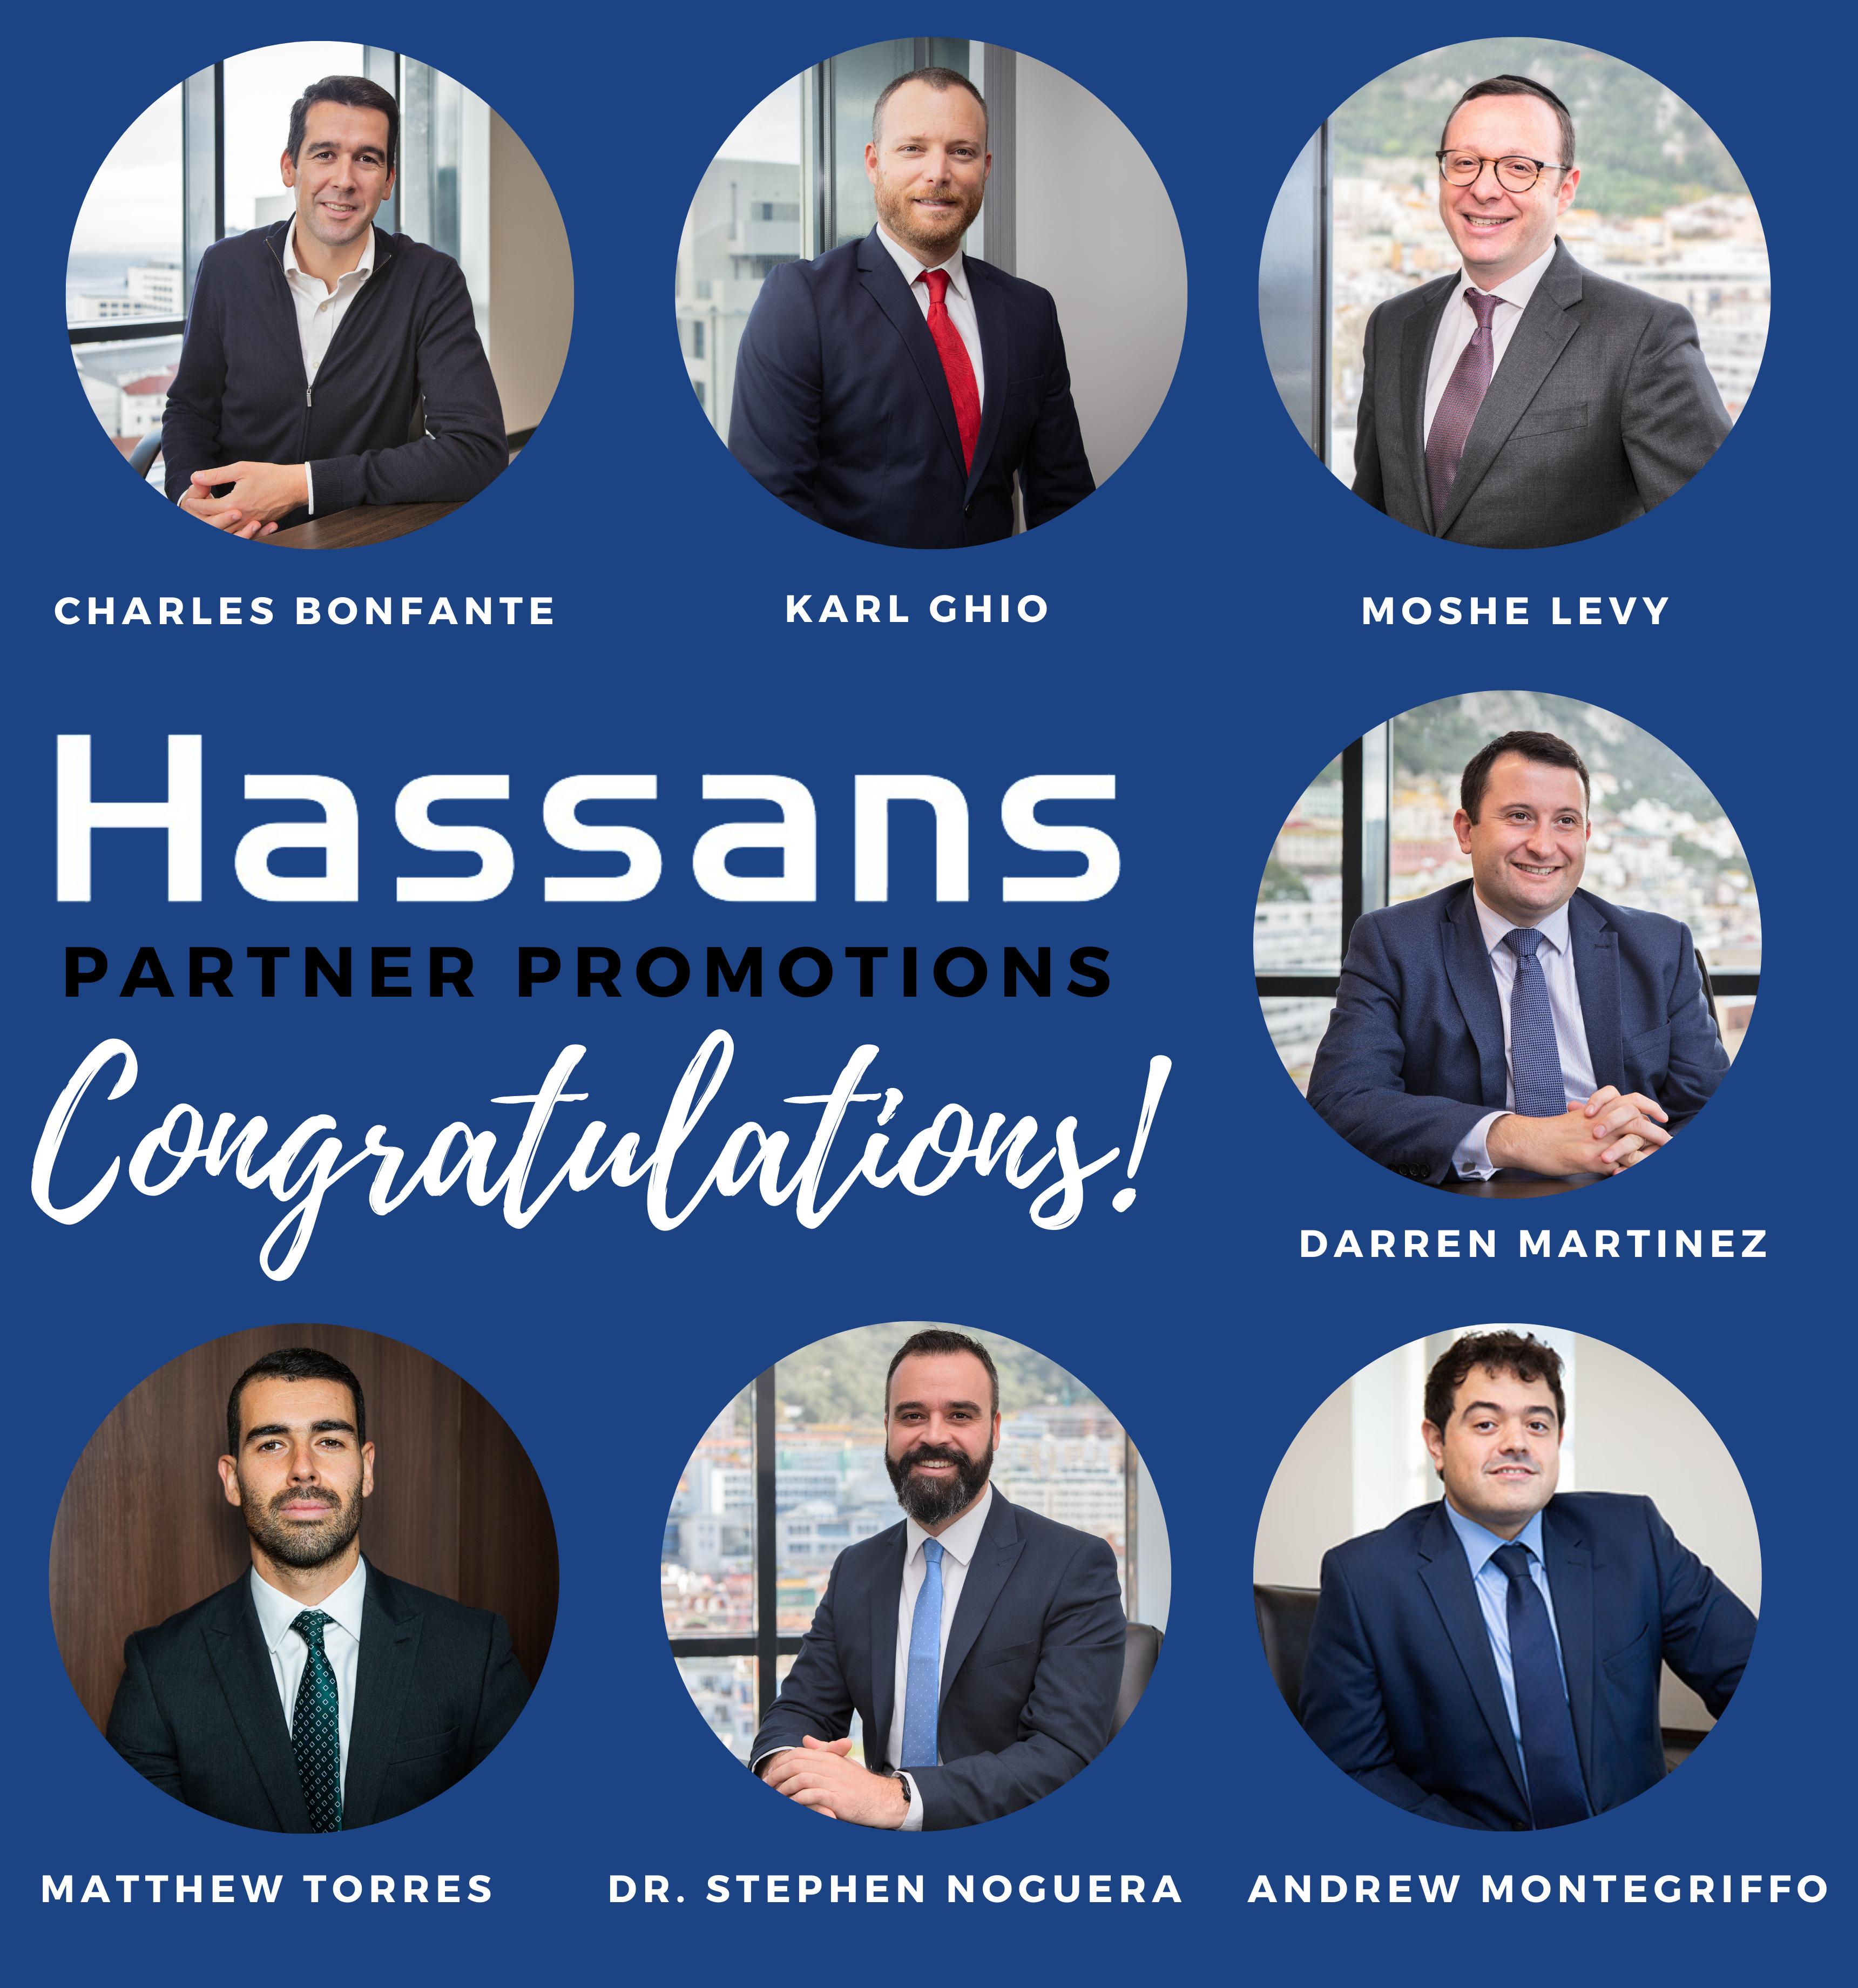 Hassans Partner Promotions